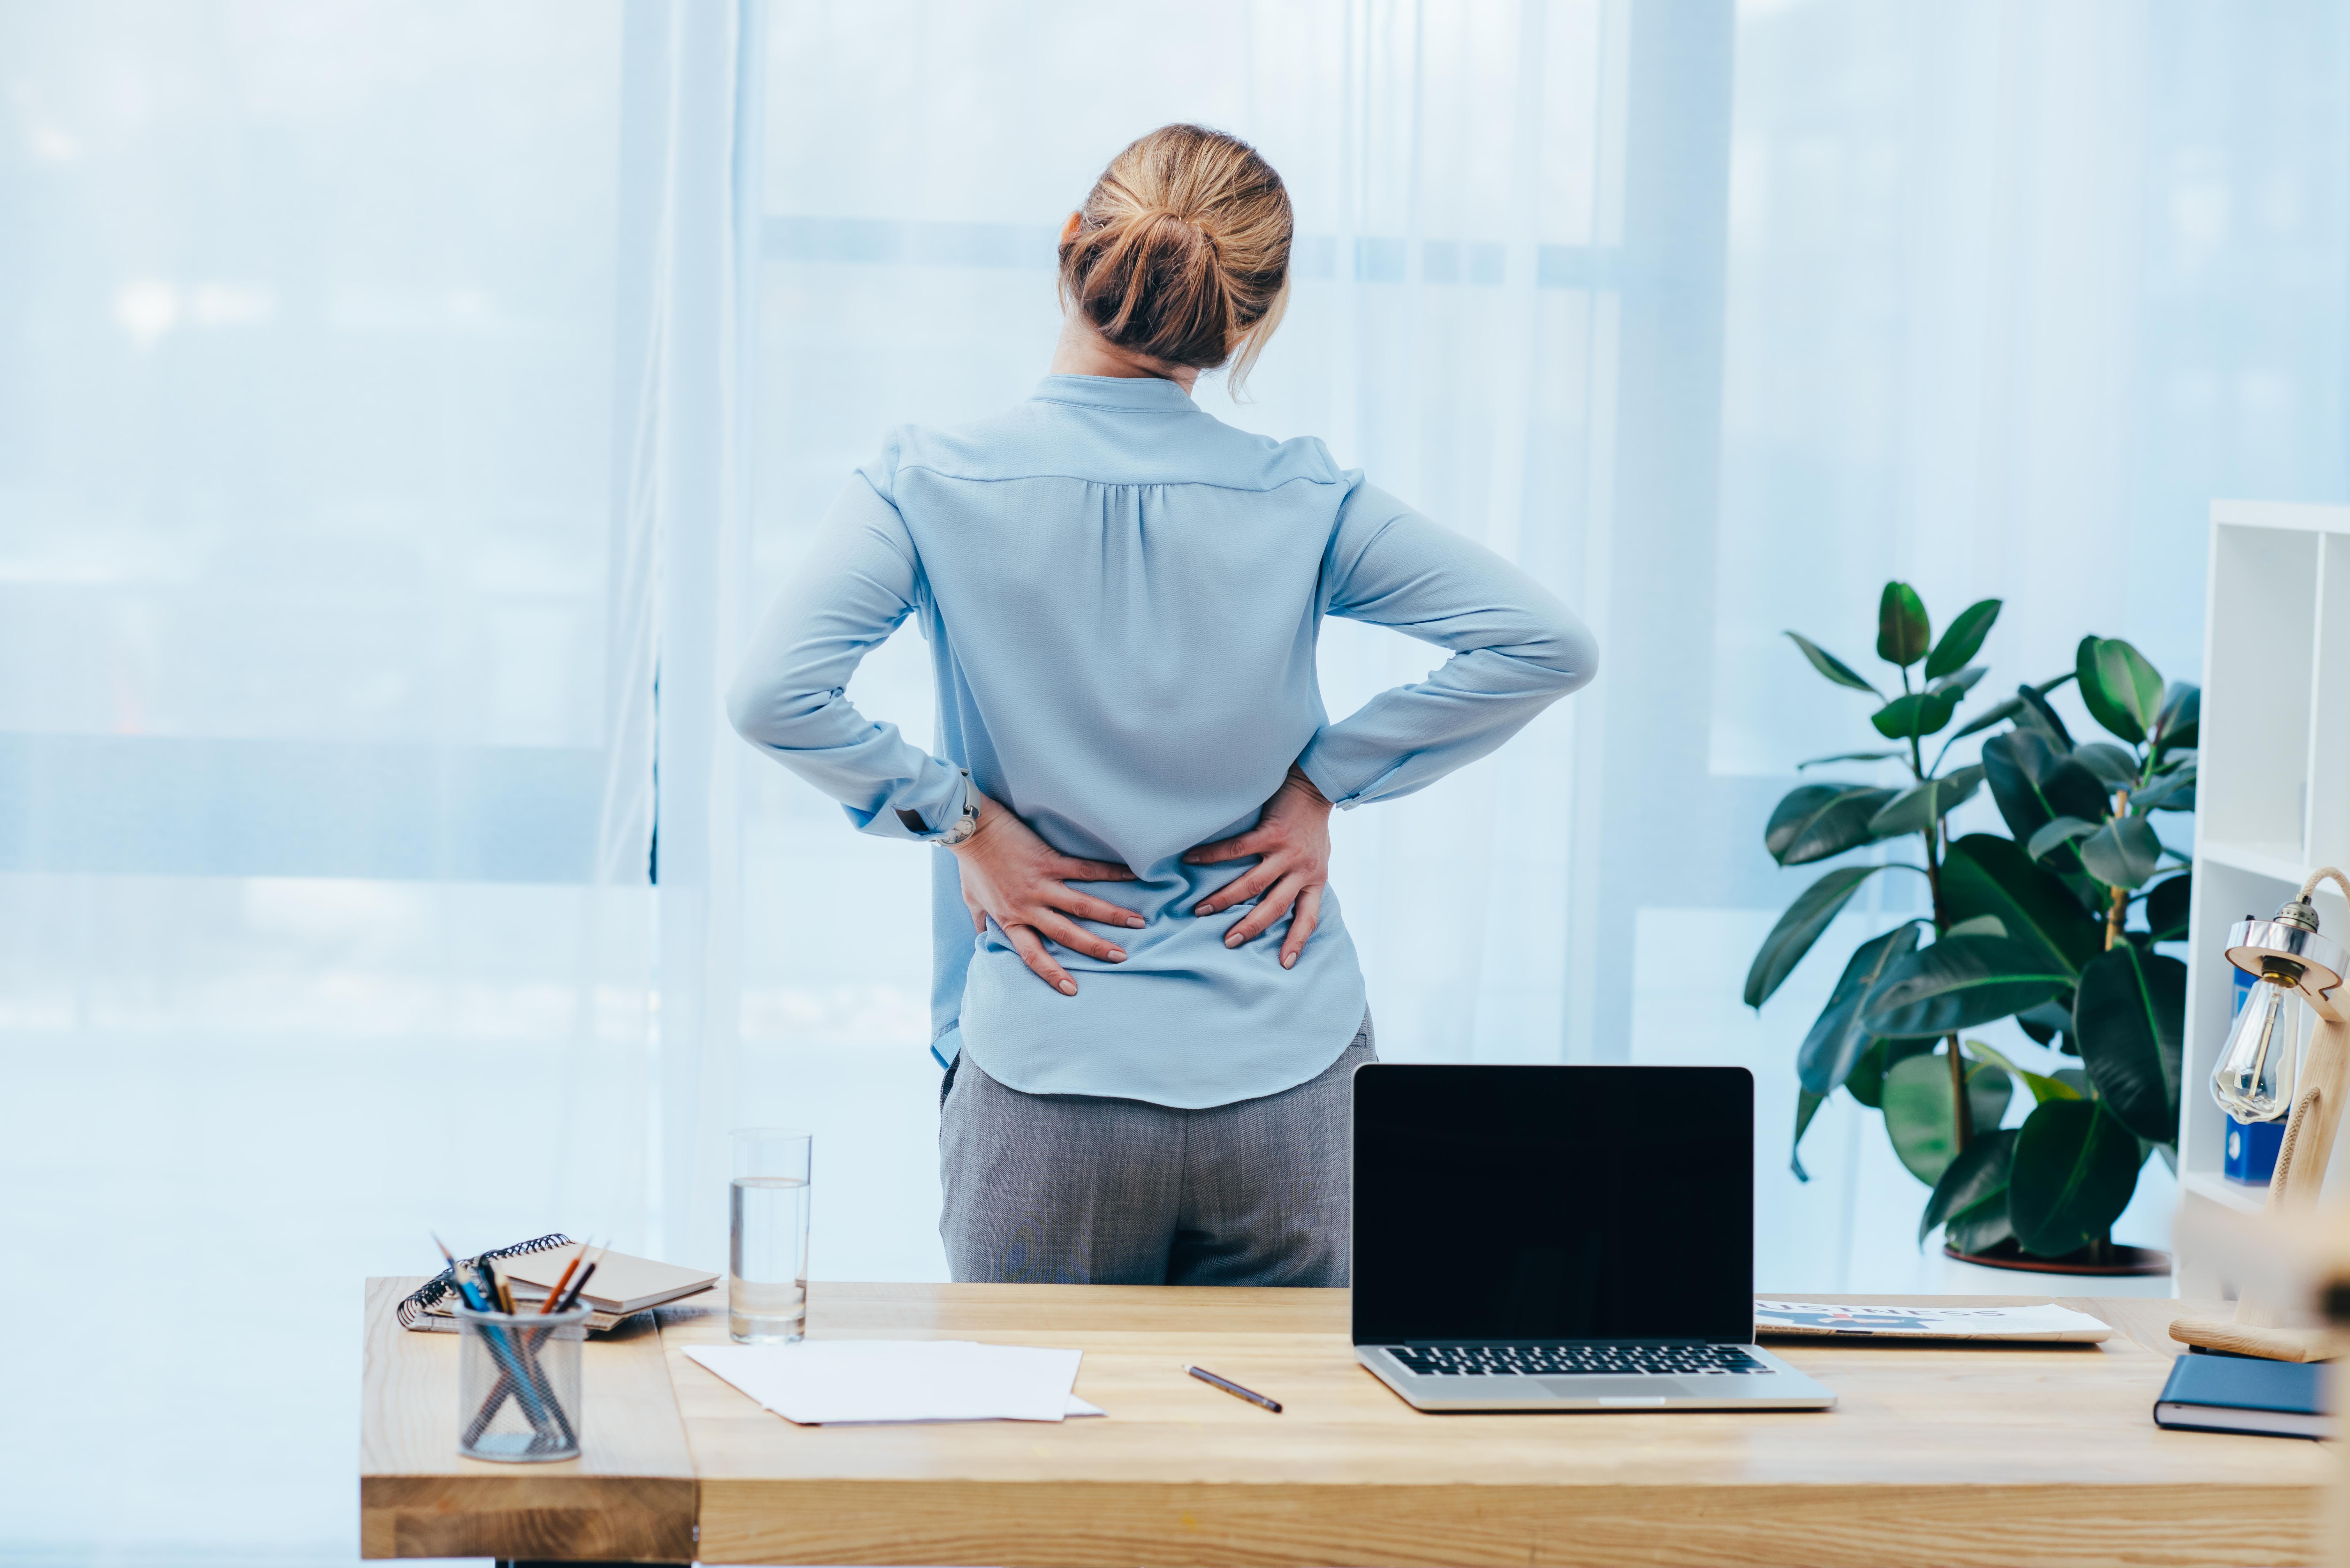 Як самостійно позбавитися від болю в спині